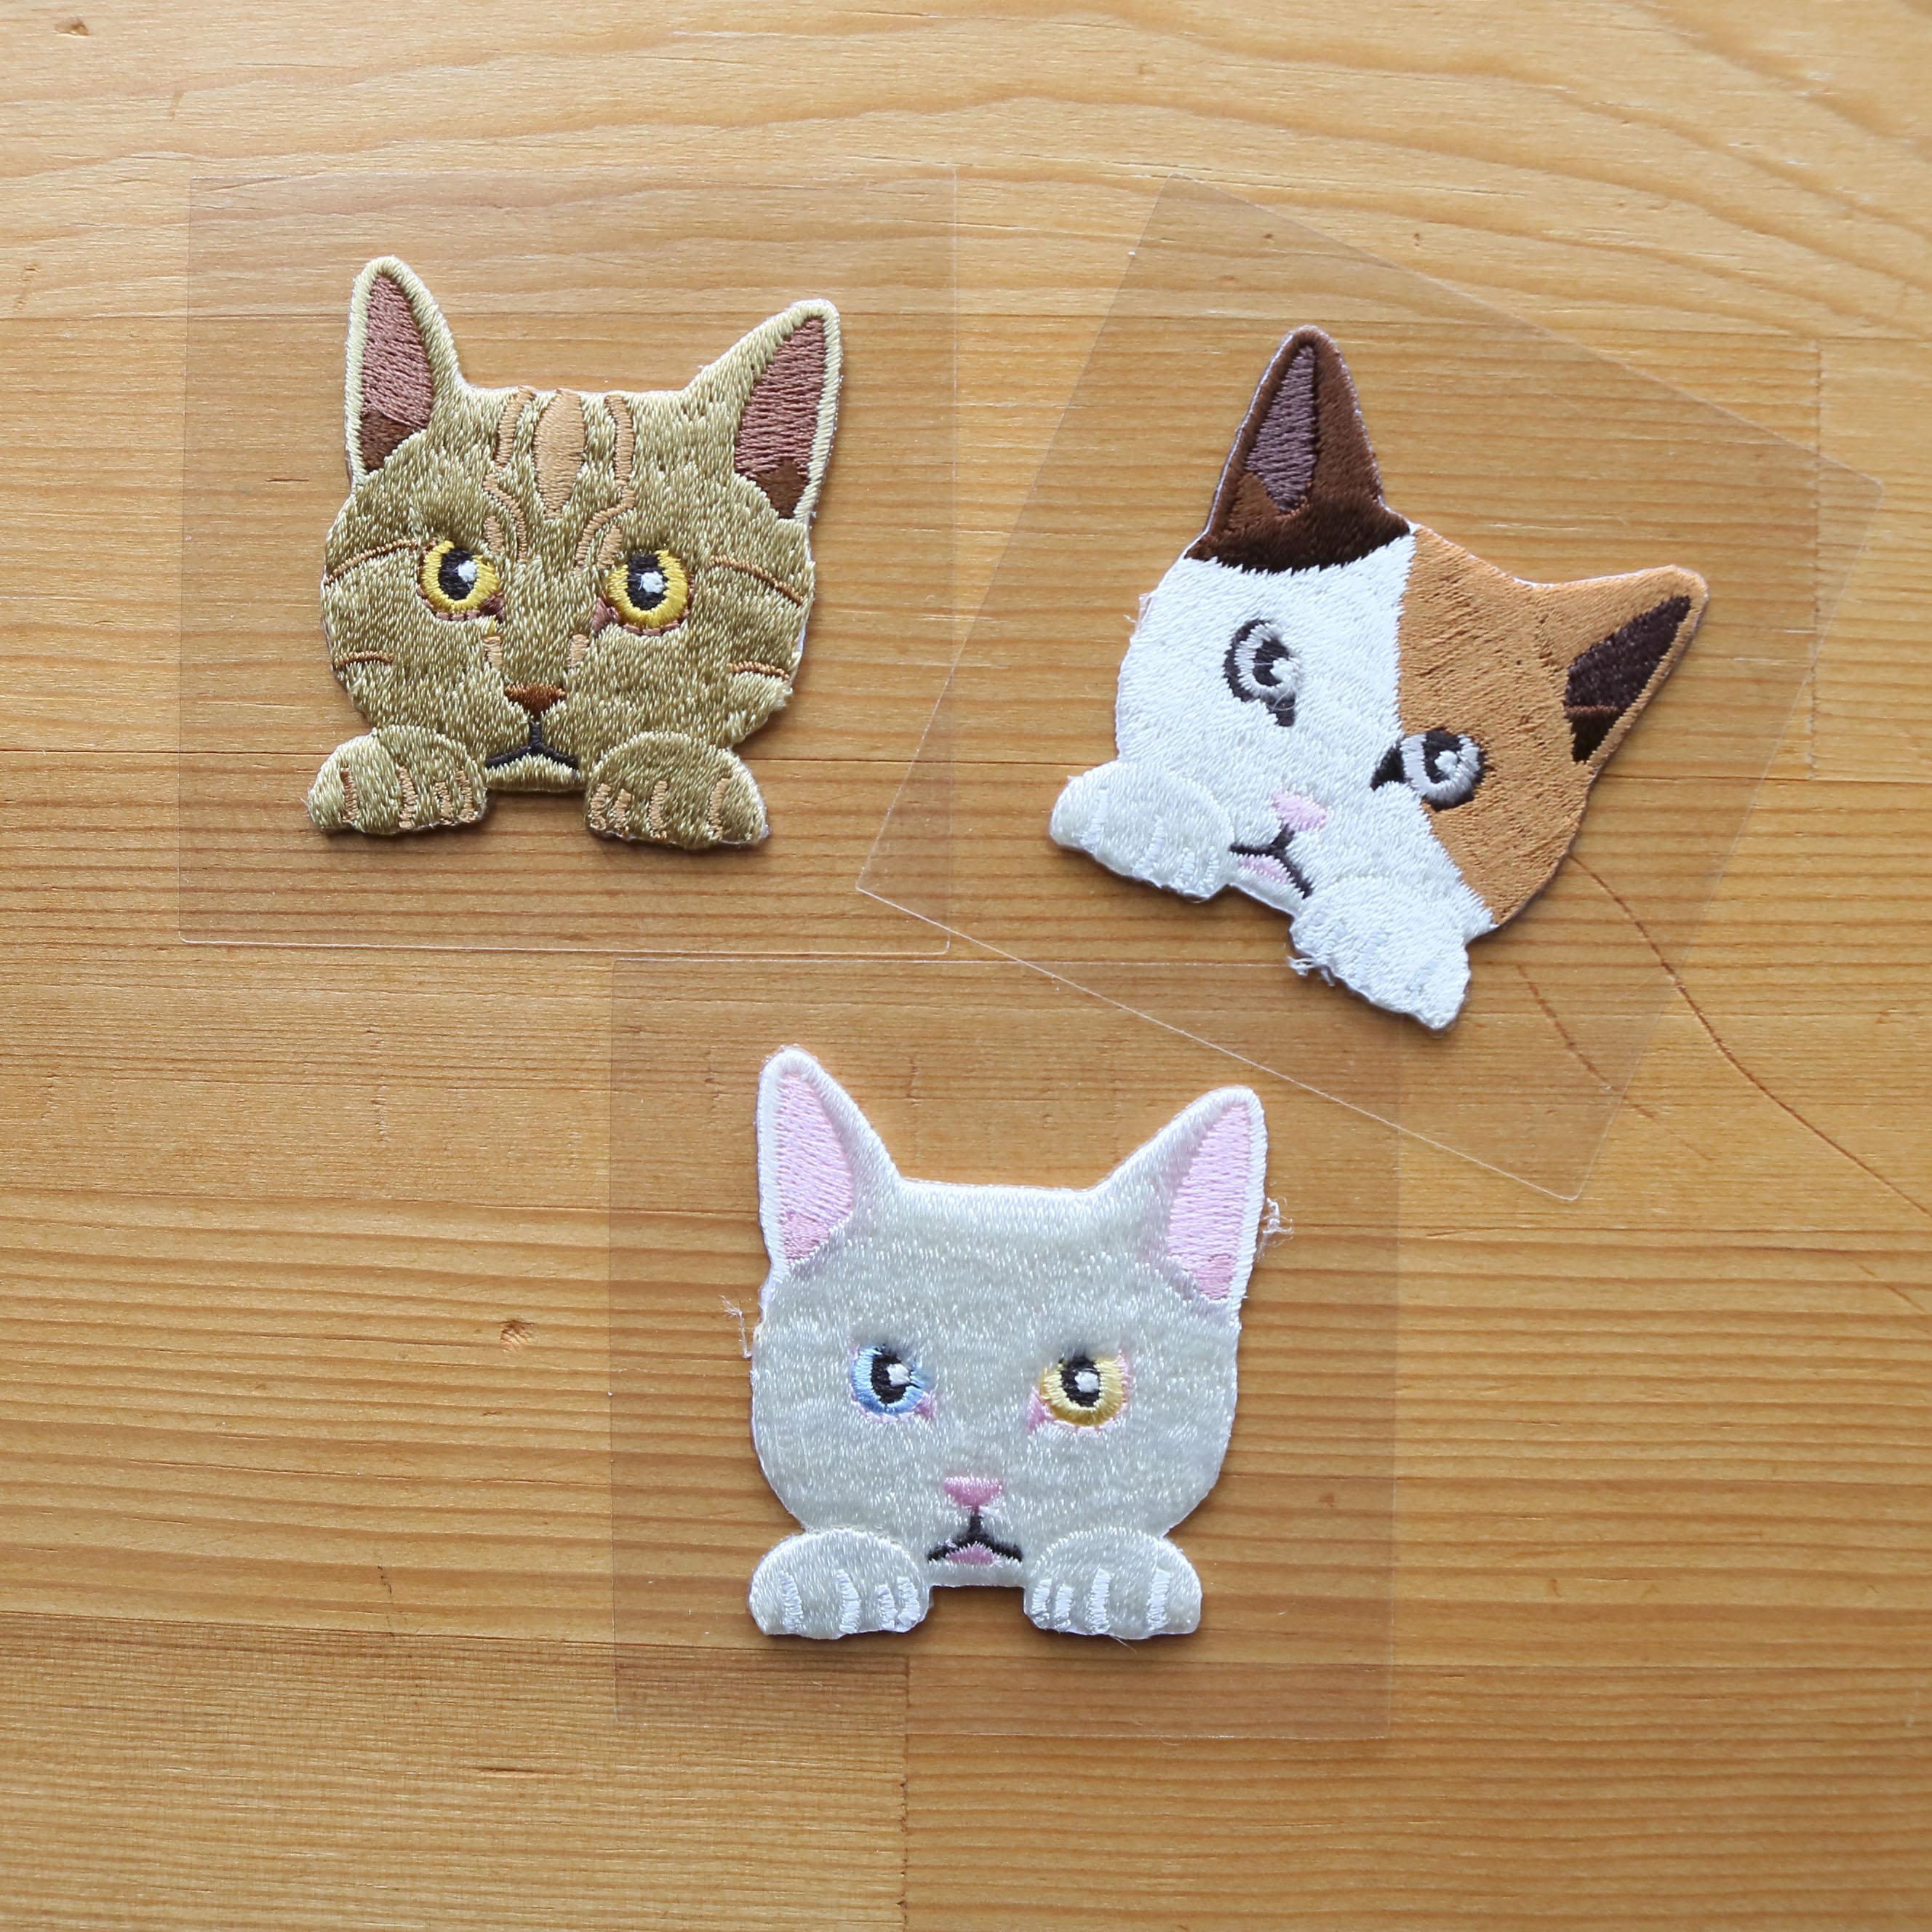 猫雑貨 猫グッズ 秋田 かぎしっぽ 刺繍ワッペン ステッカー